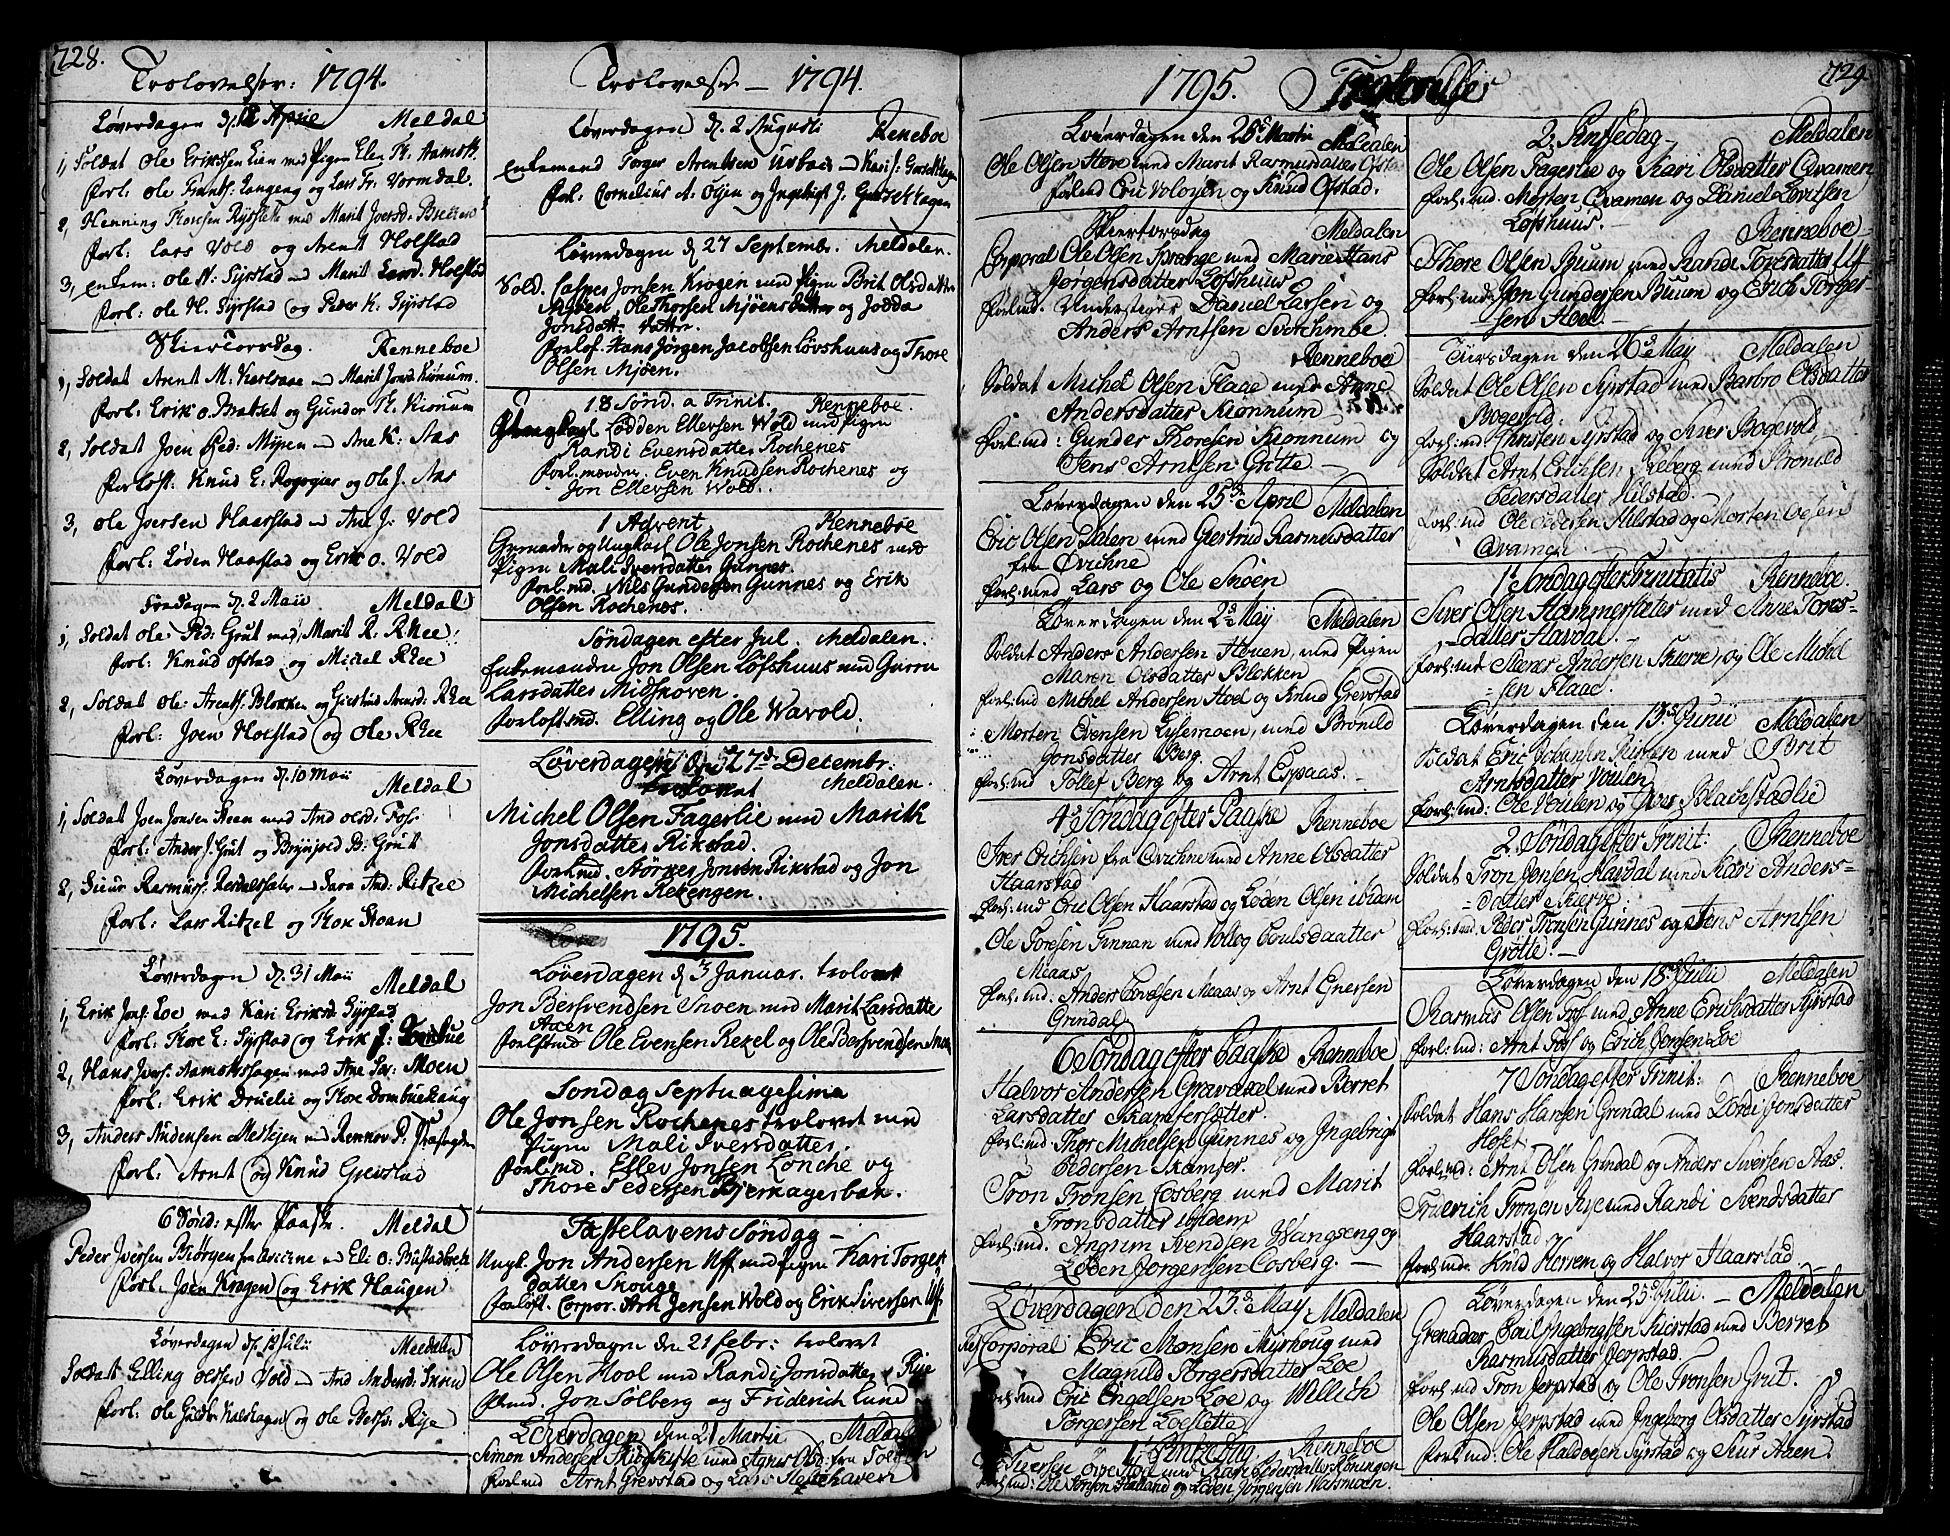 SAT, Ministerialprotokoller, klokkerbøker og fødselsregistre - Sør-Trøndelag, 672/L0852: Ministerialbok nr. 672A05, 1776-1815, s. 728-729